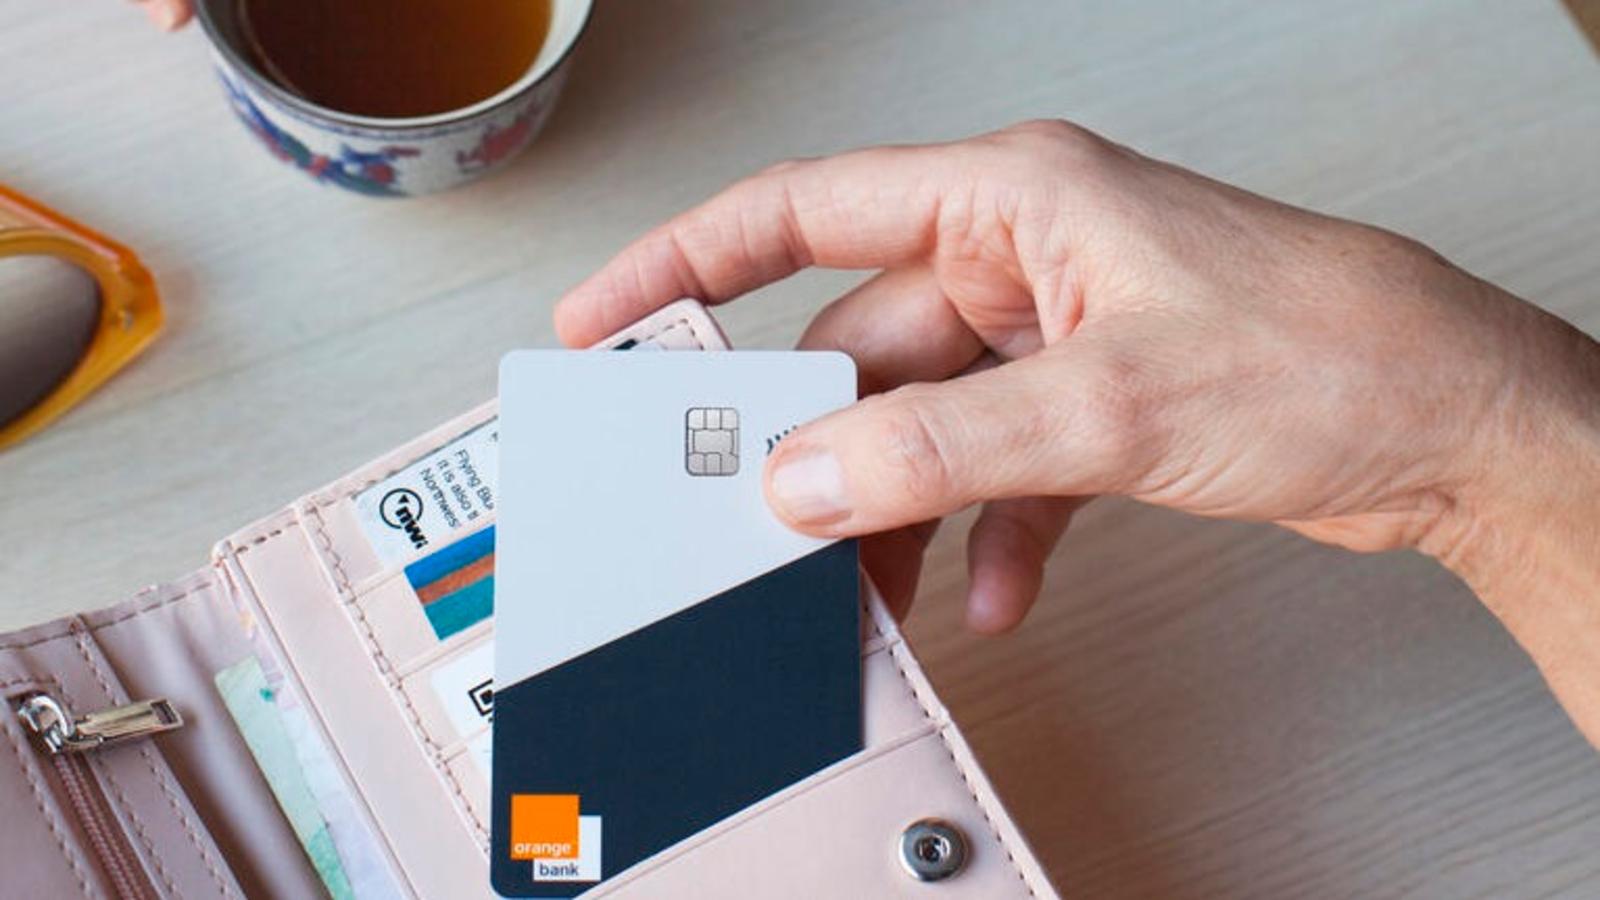 Carte Orange Bank Premium.Orange Bank Enrichit Son Offre Visa Premium Avec Le